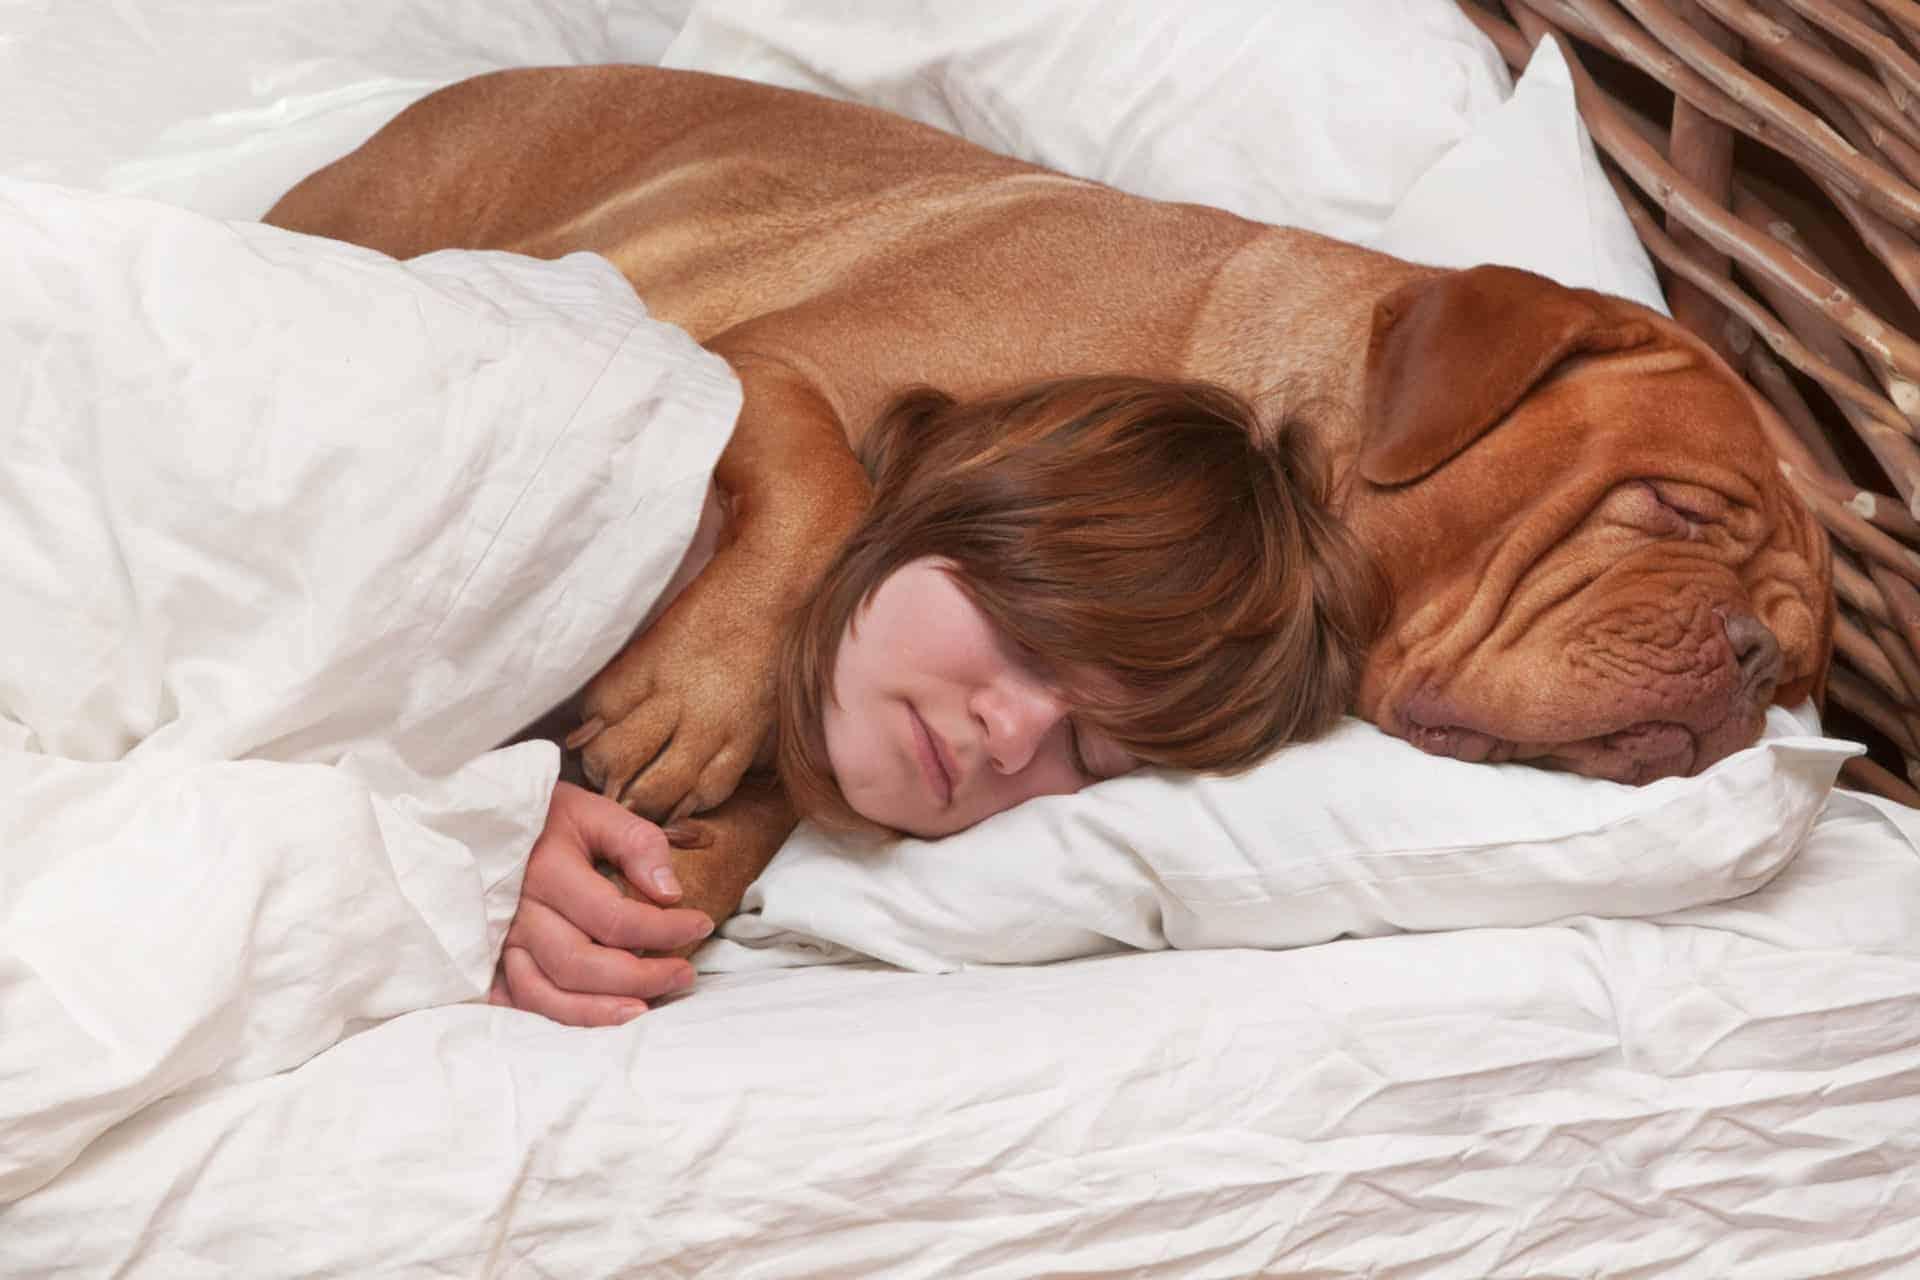 Mädchen schläft mit Hund im Bett - Kontaktliegen